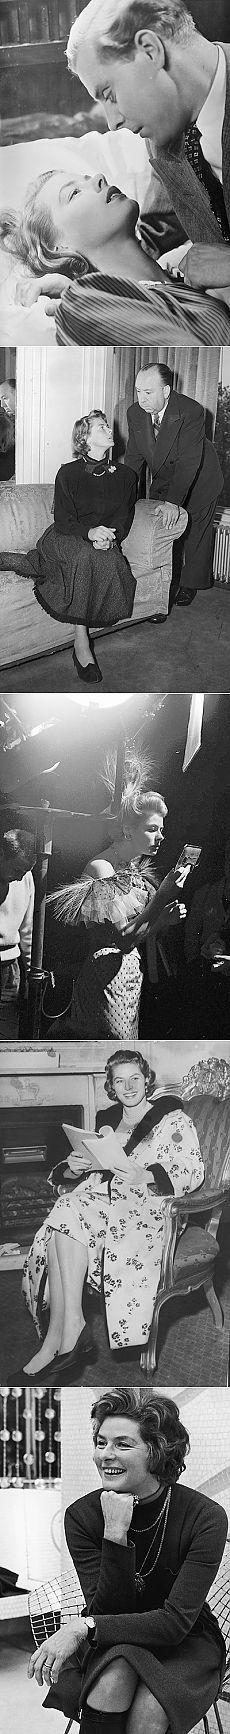 Ингрид Бергман: жизнь звезды в фотографиях | Ностальгический клуб любителей кино .